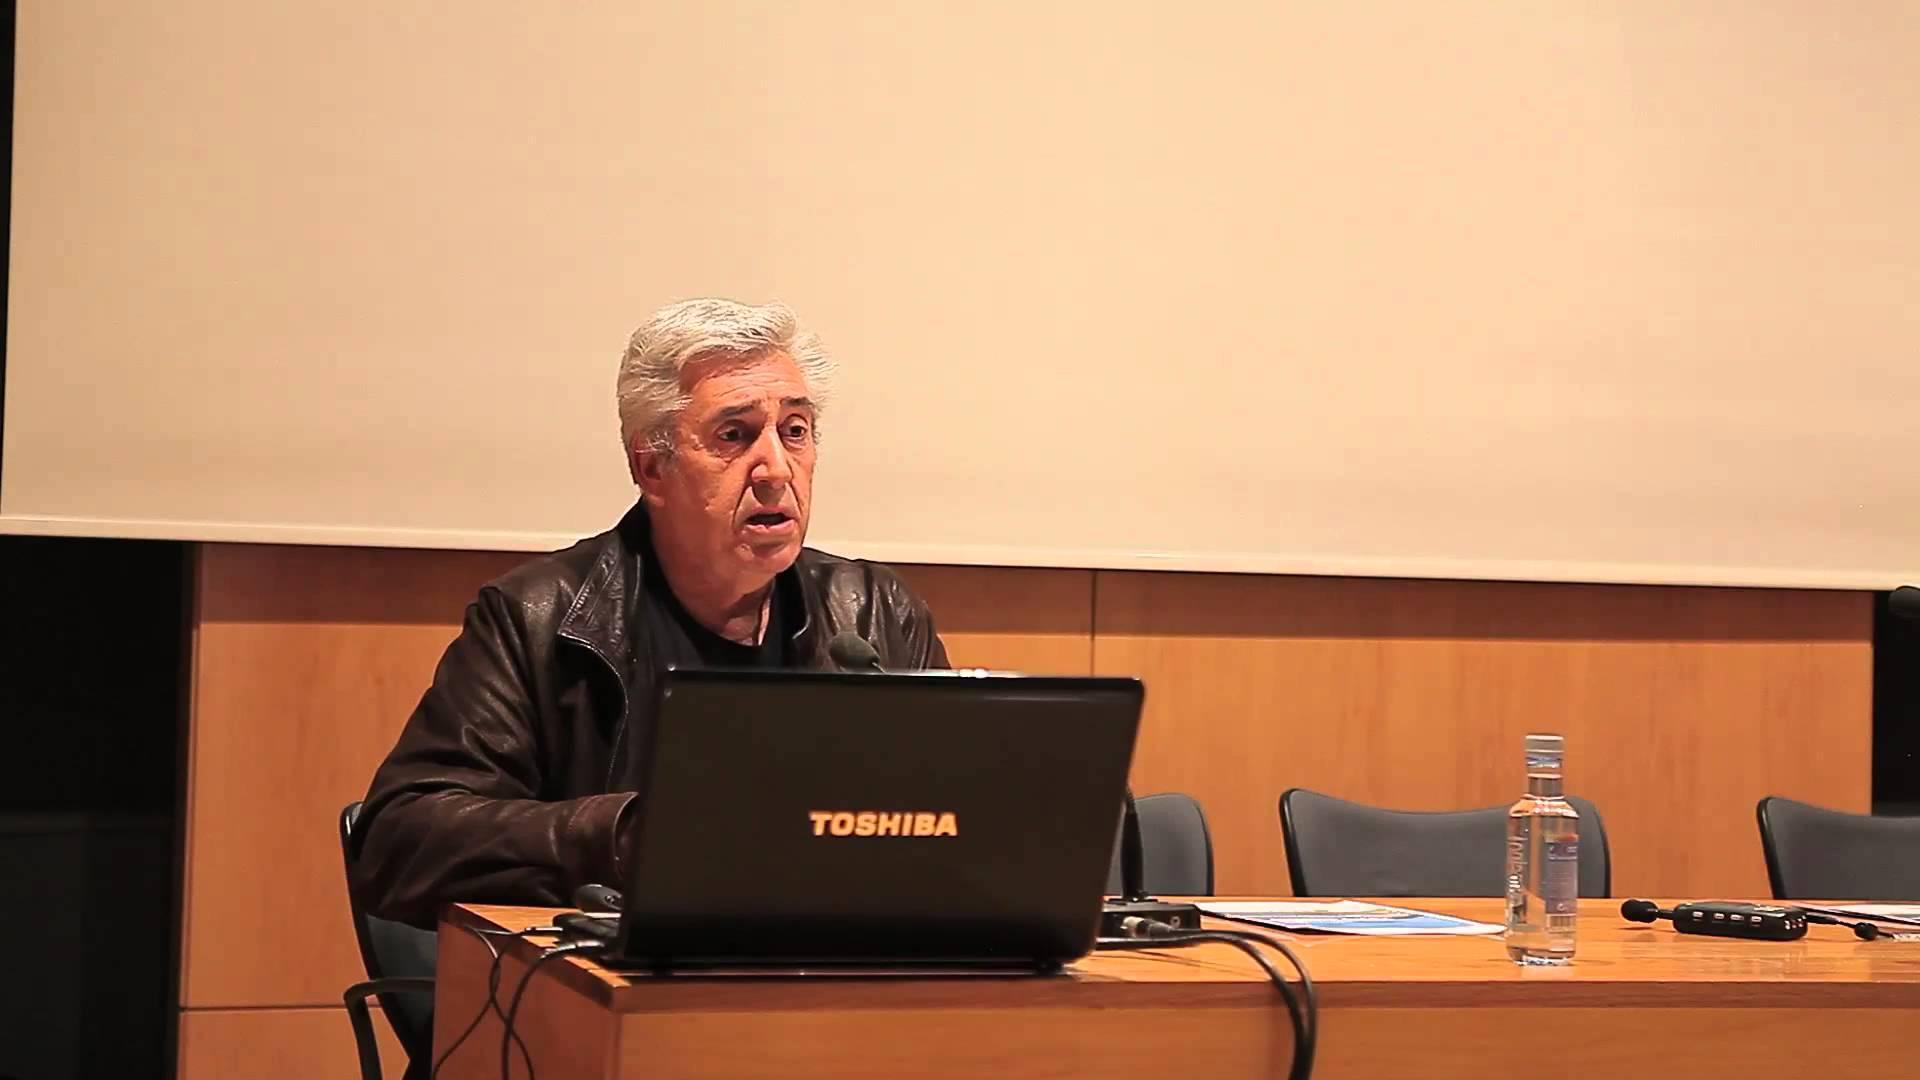 João Nunes's conferences during International Workshop João Nunes